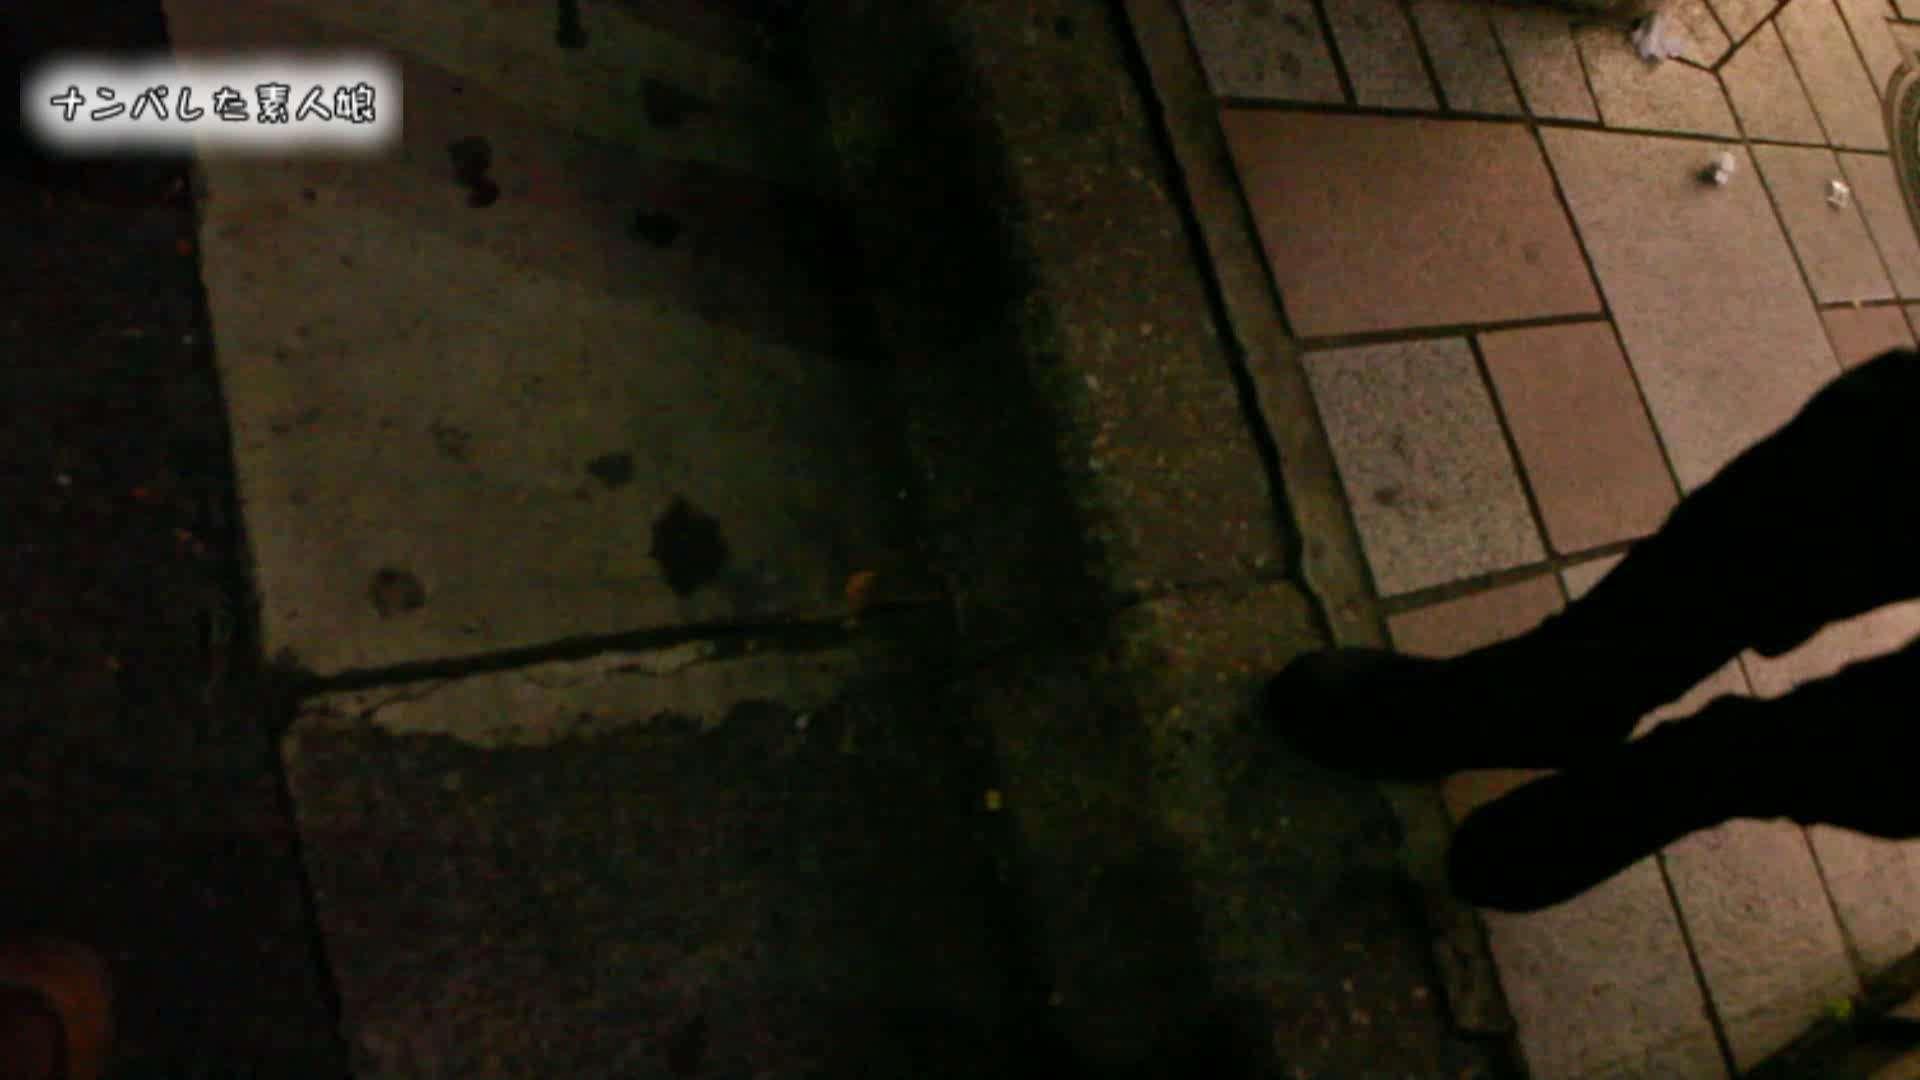 電魔王さんの「隠撮の部屋」アイカ 巨乳女子  62pic 24